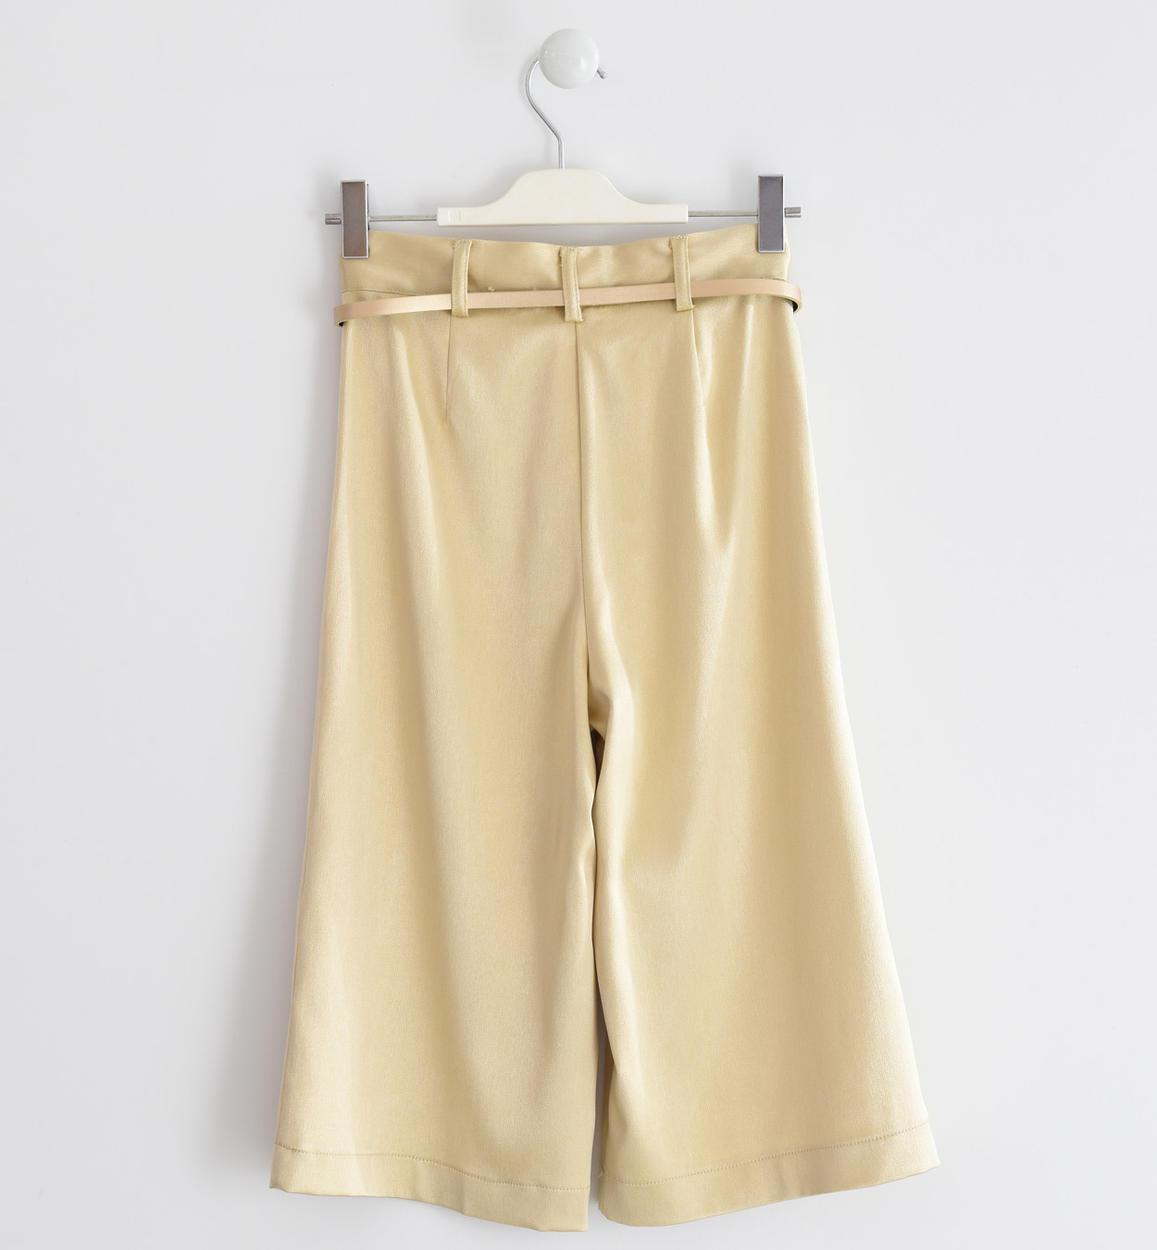 pantalone modello gaucho in morbido tess beige dettaglio 03 2564j52100 0734 150x150